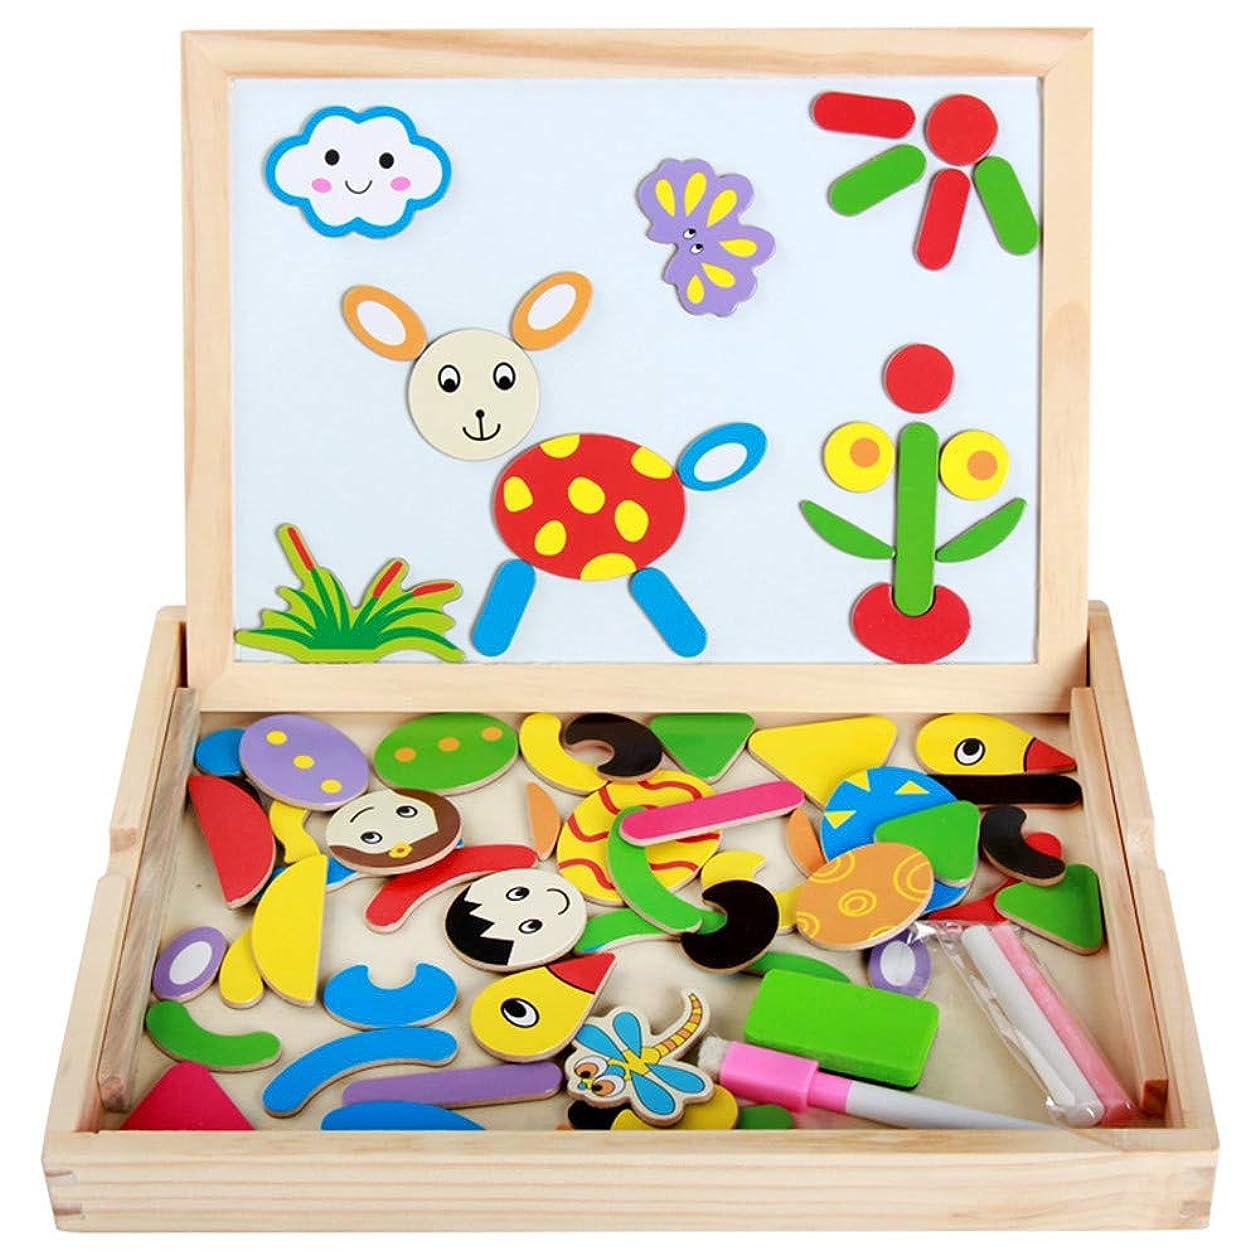 堤防復活させる一定おもちゃのお絵かきボード 子供の黒板子供 ホワイトボード 木製パズルと想像力作図領域すべての子供のための絵ボード玩具男の子と女の子3 4 5 6 7 8歳子供のいたずら書きと落書きボード教育